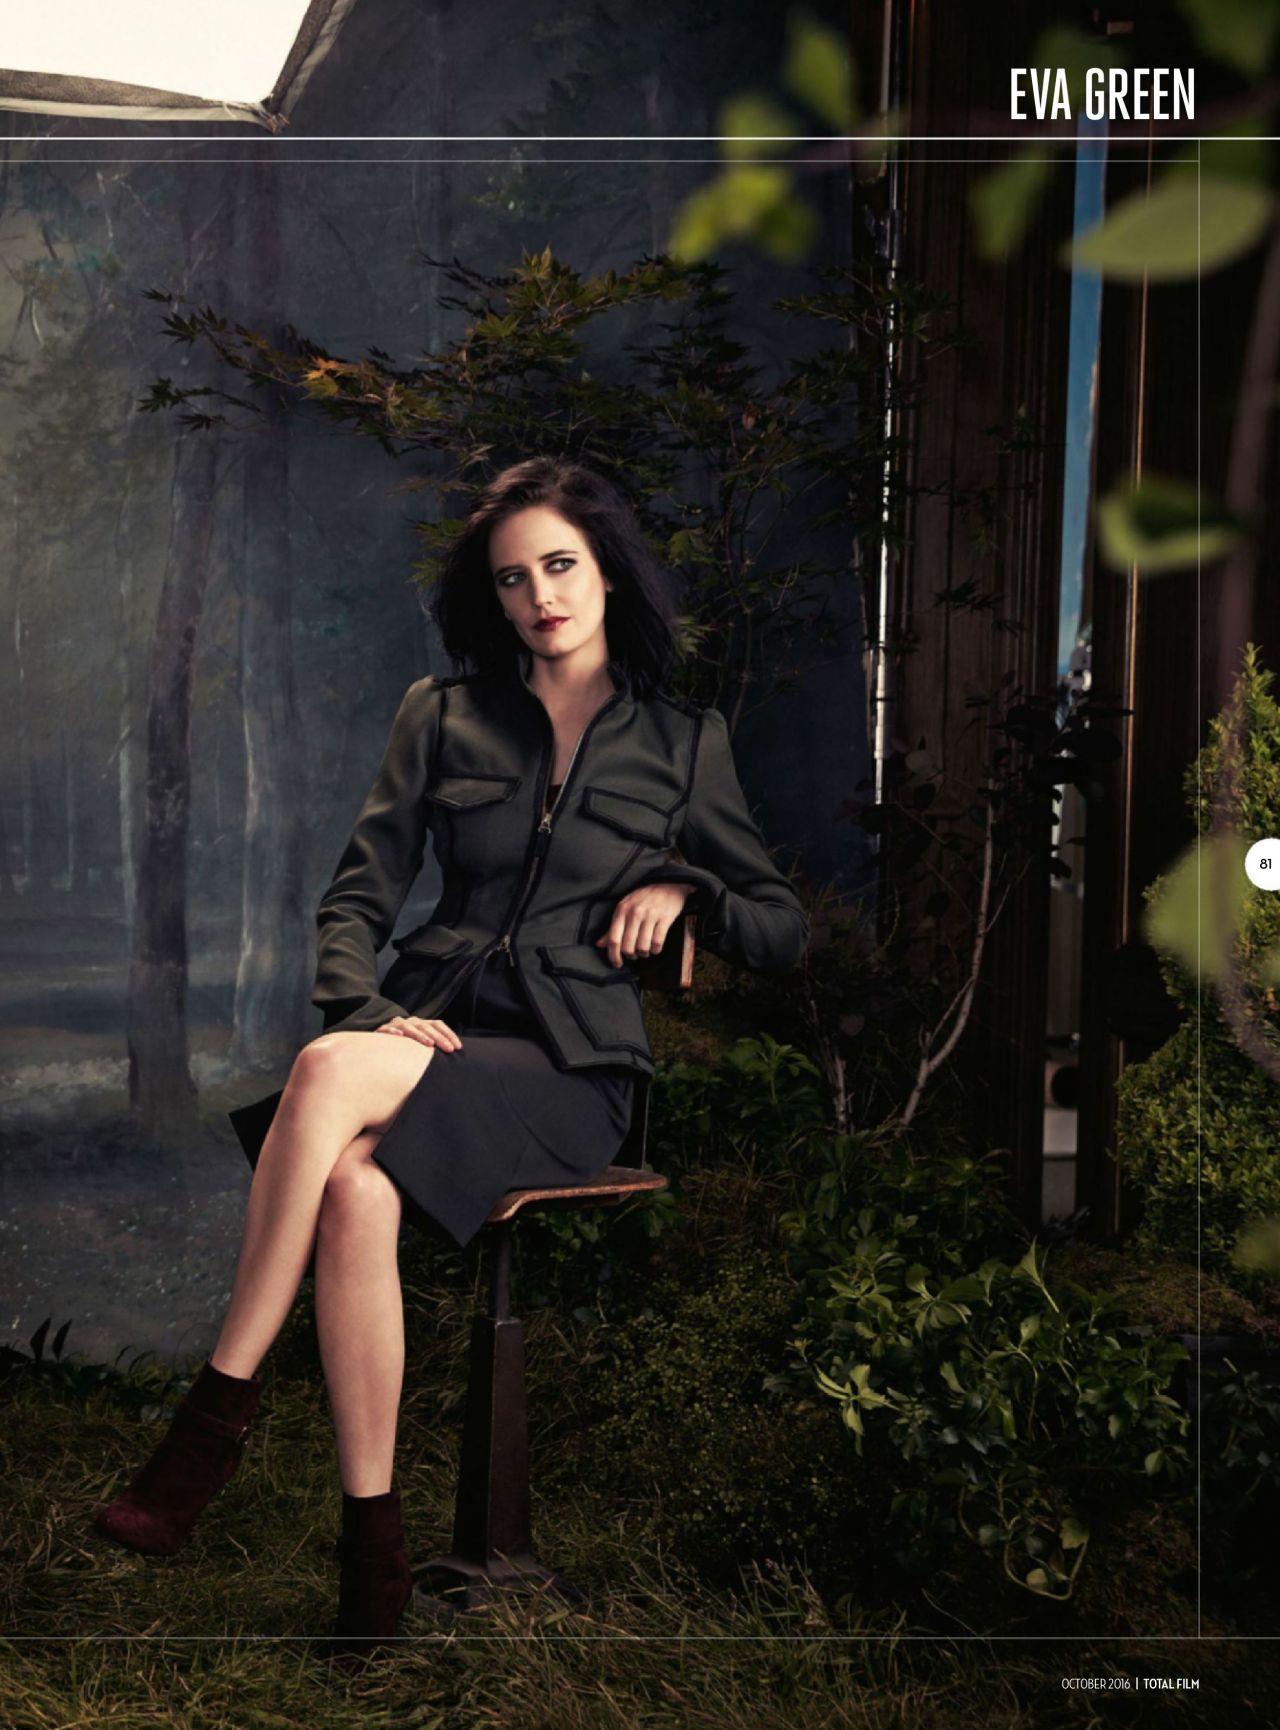 Eva Green Total Film Magazine October 2016 Issue